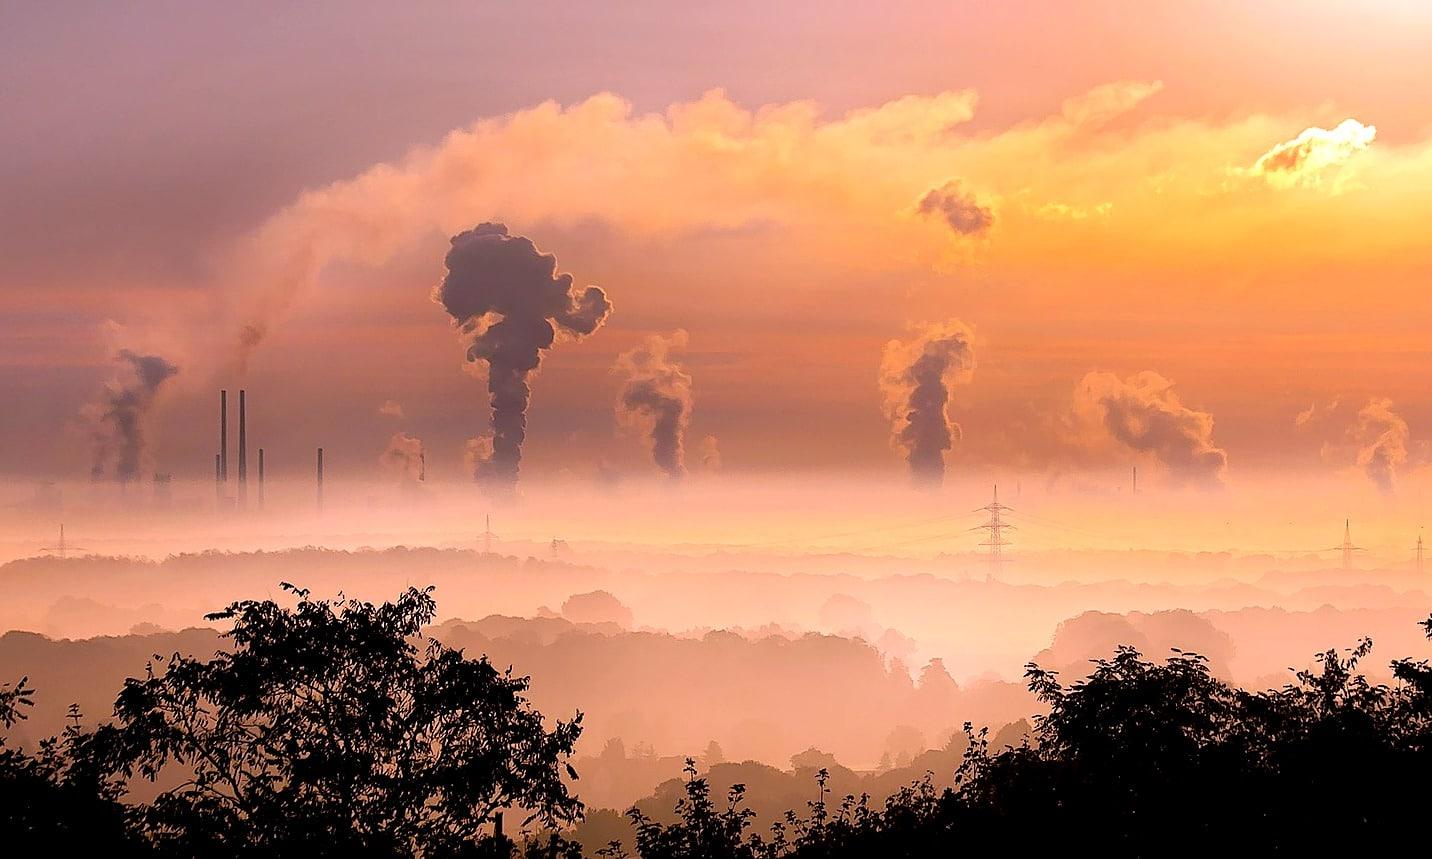 5% des centrales électriques dans le monde sont responsables de près de 75% des émissions de CO2 du secteur